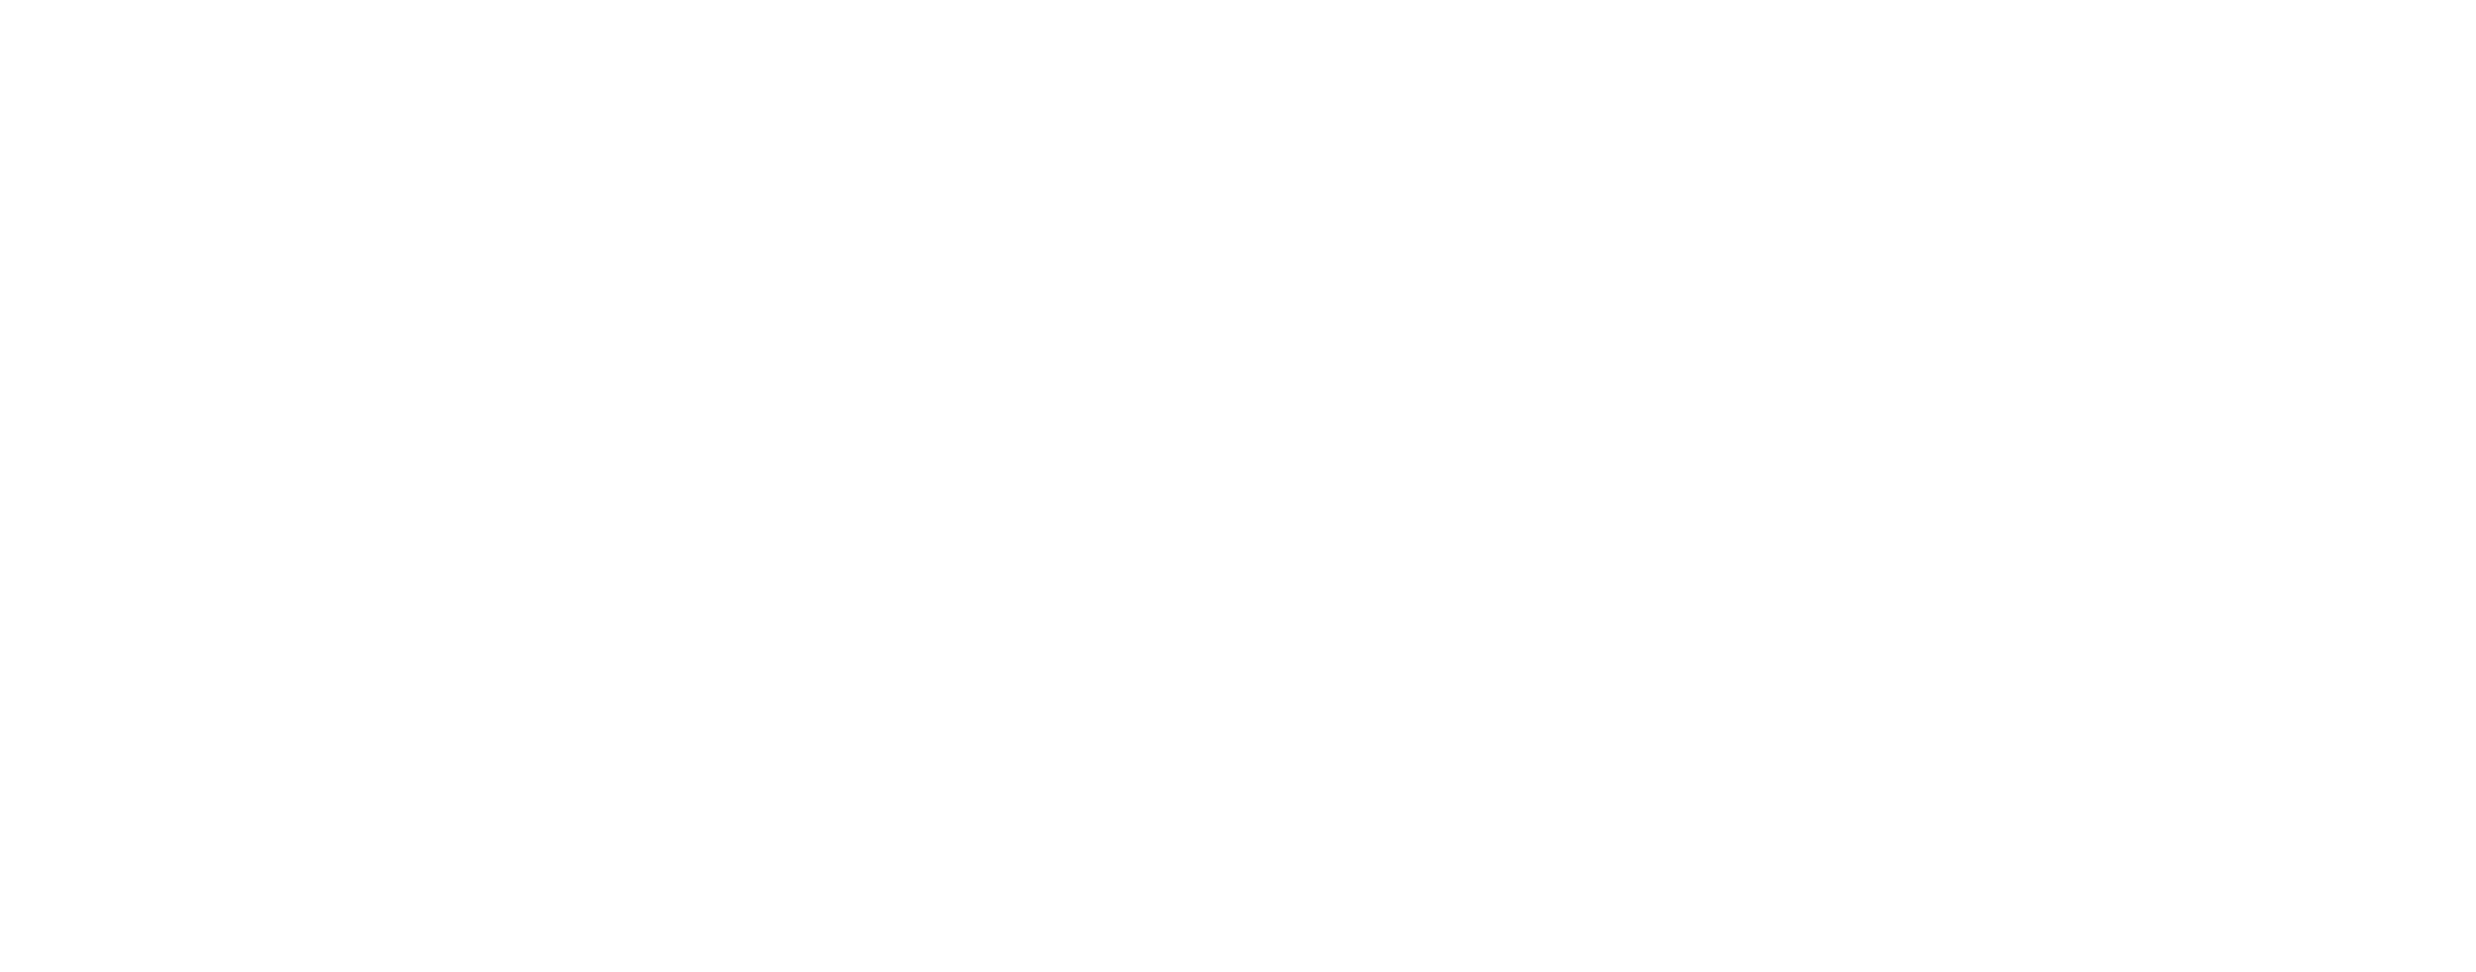 Kaicy